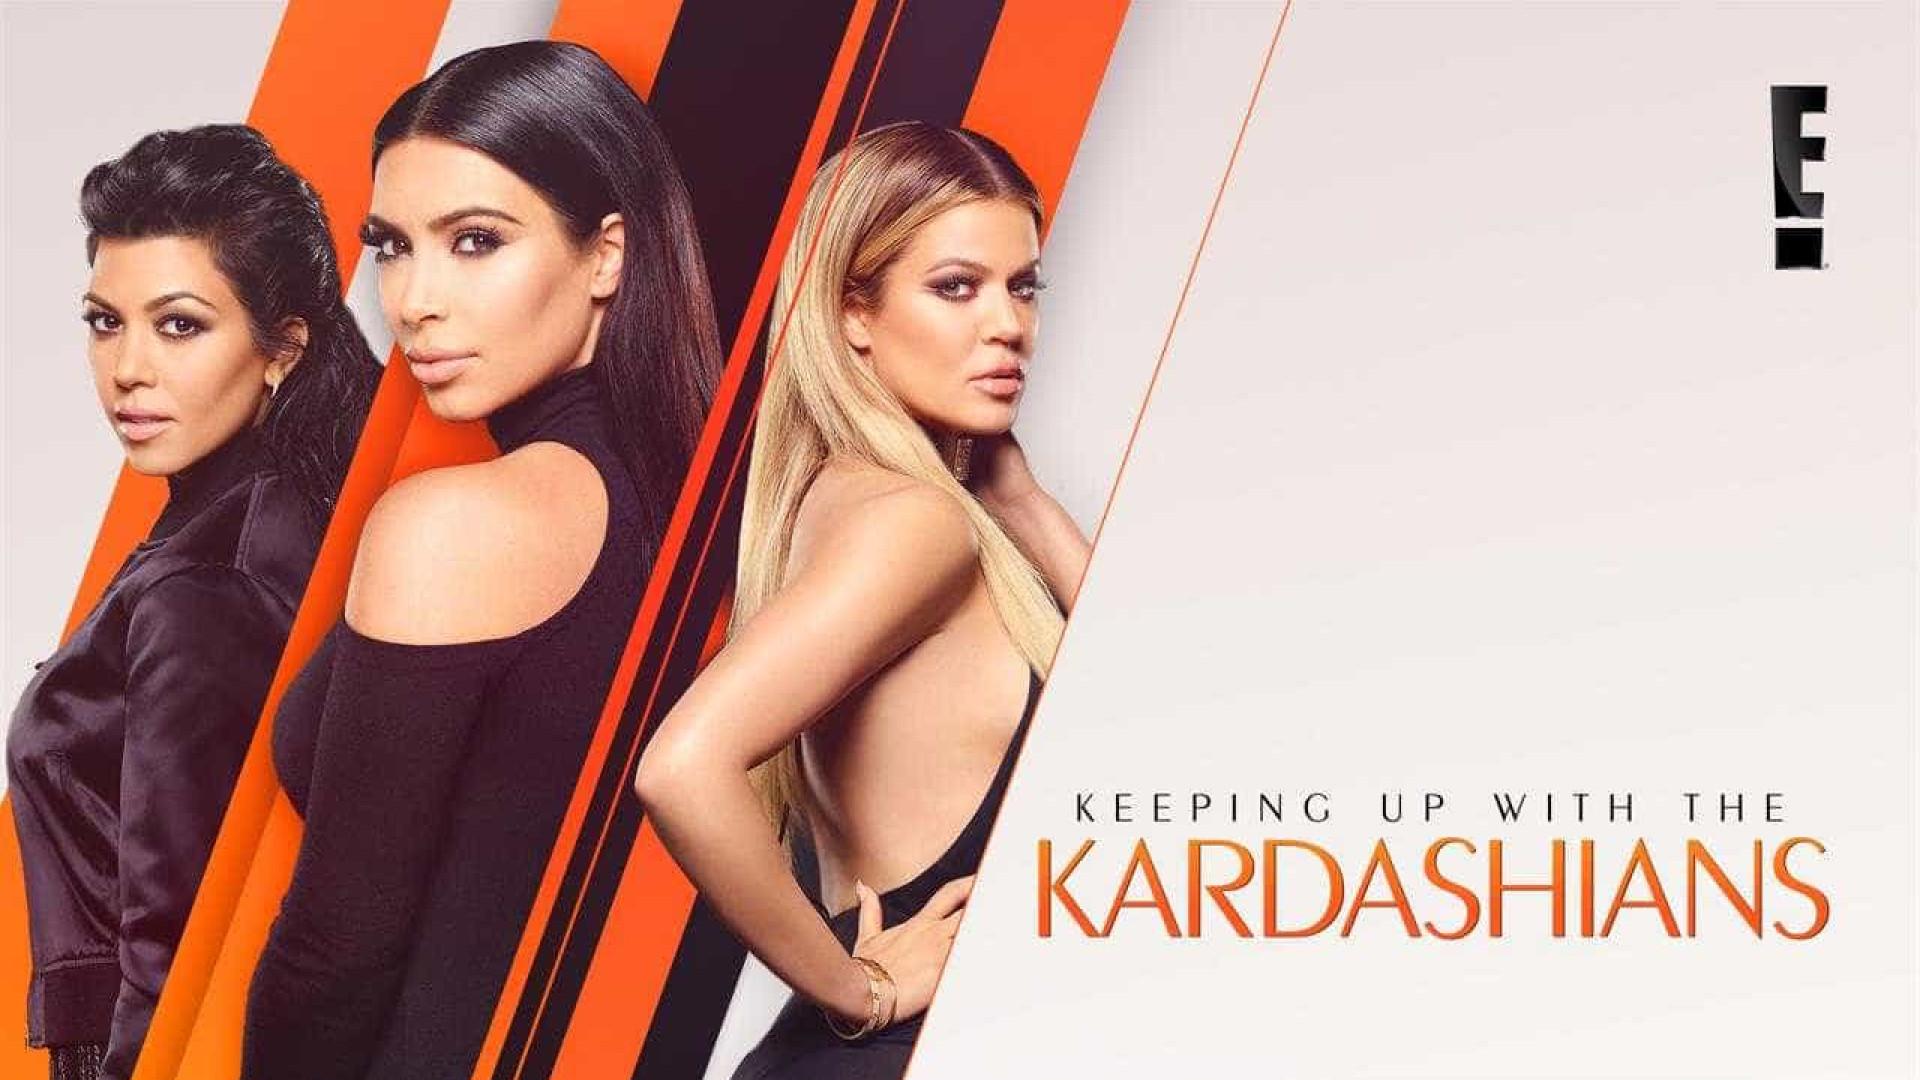 Programa das Kardashian à beira do fim. Kris Jenner evita 'desgraça'